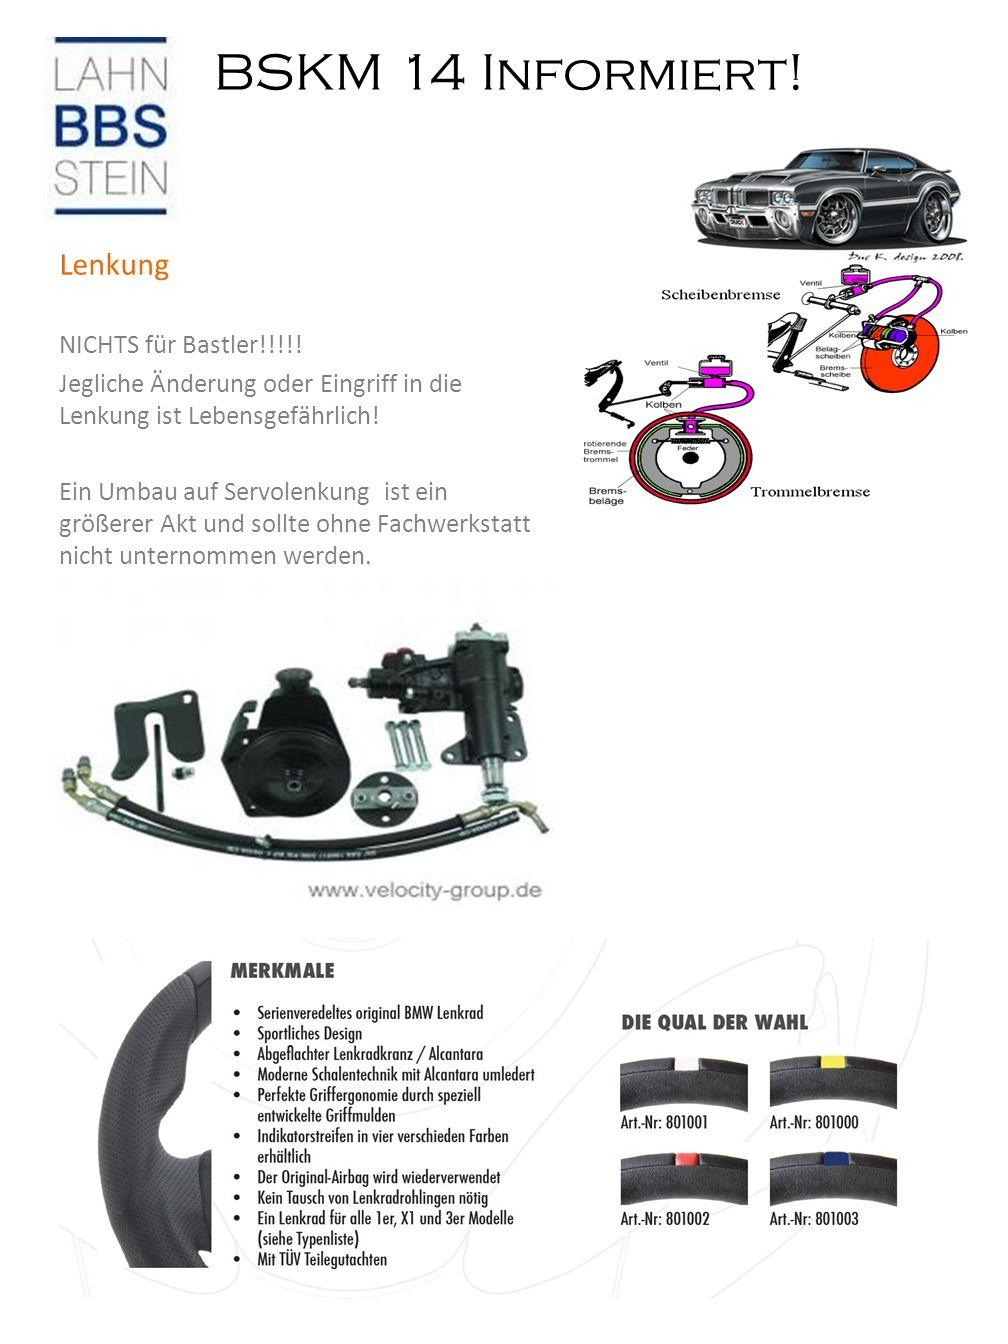 BSKM 14 Informiert. Bremsflüssigkeit Lenkung NICHTS für Bastler!!!!.